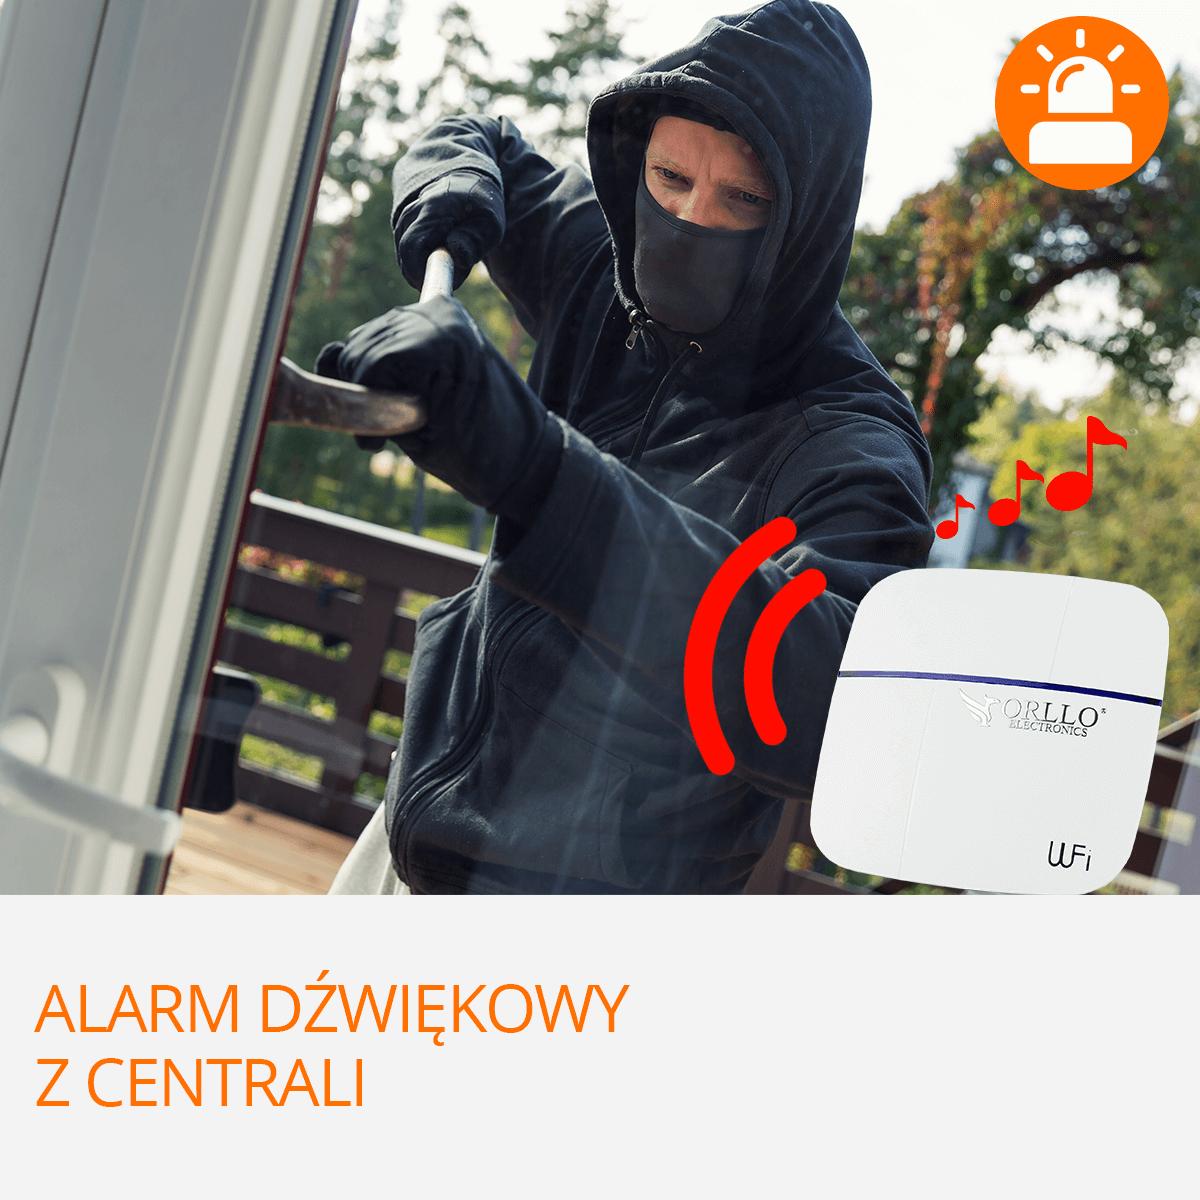 centrala alarmowa wifi z alarmem dzwiekowym orllo.pl